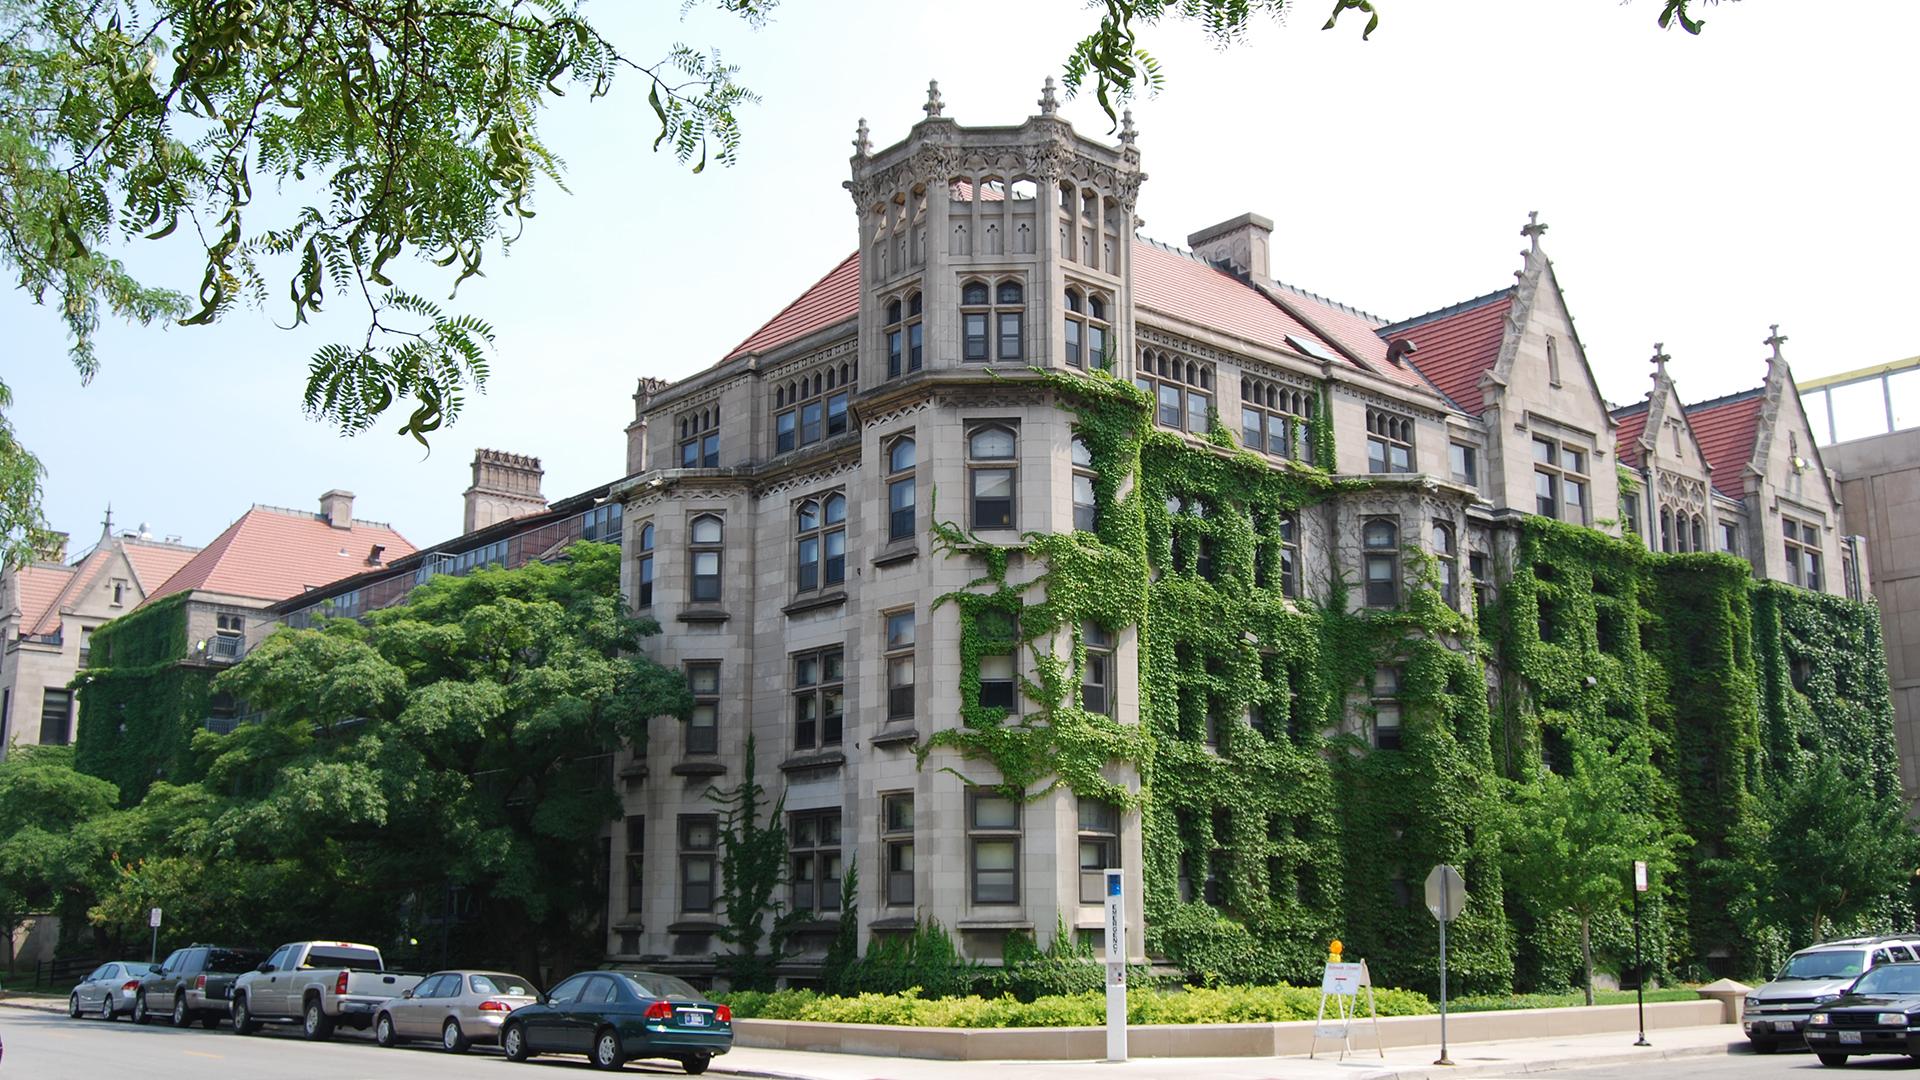 讲一讲你申请芝加哥大学时所需关心的学费问题!